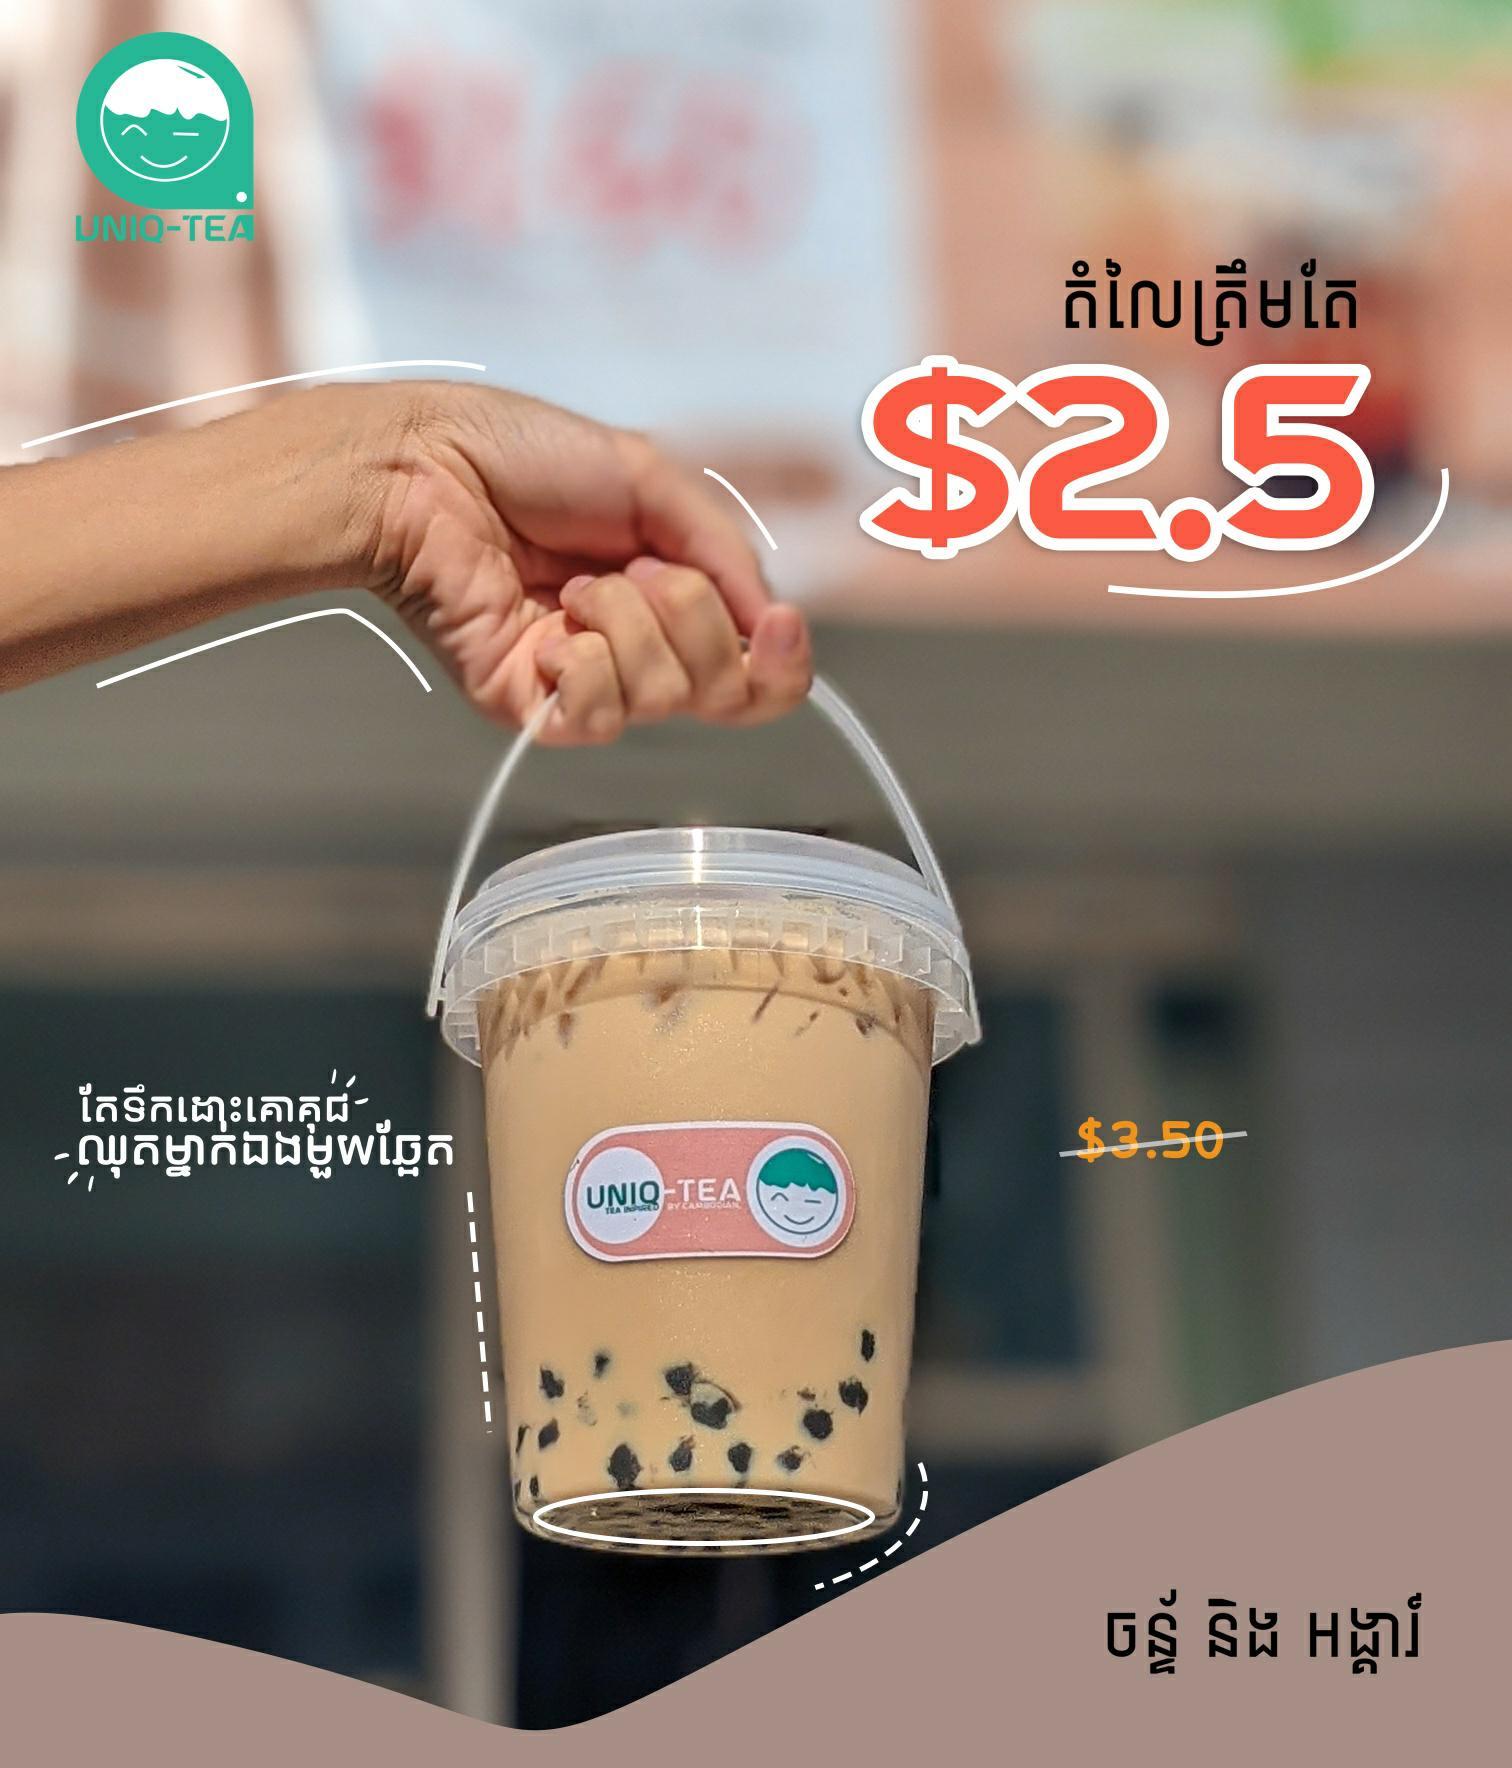 ពិសេសត្រឹមតែ $2.5 តែប៉ុណ្ណោះ